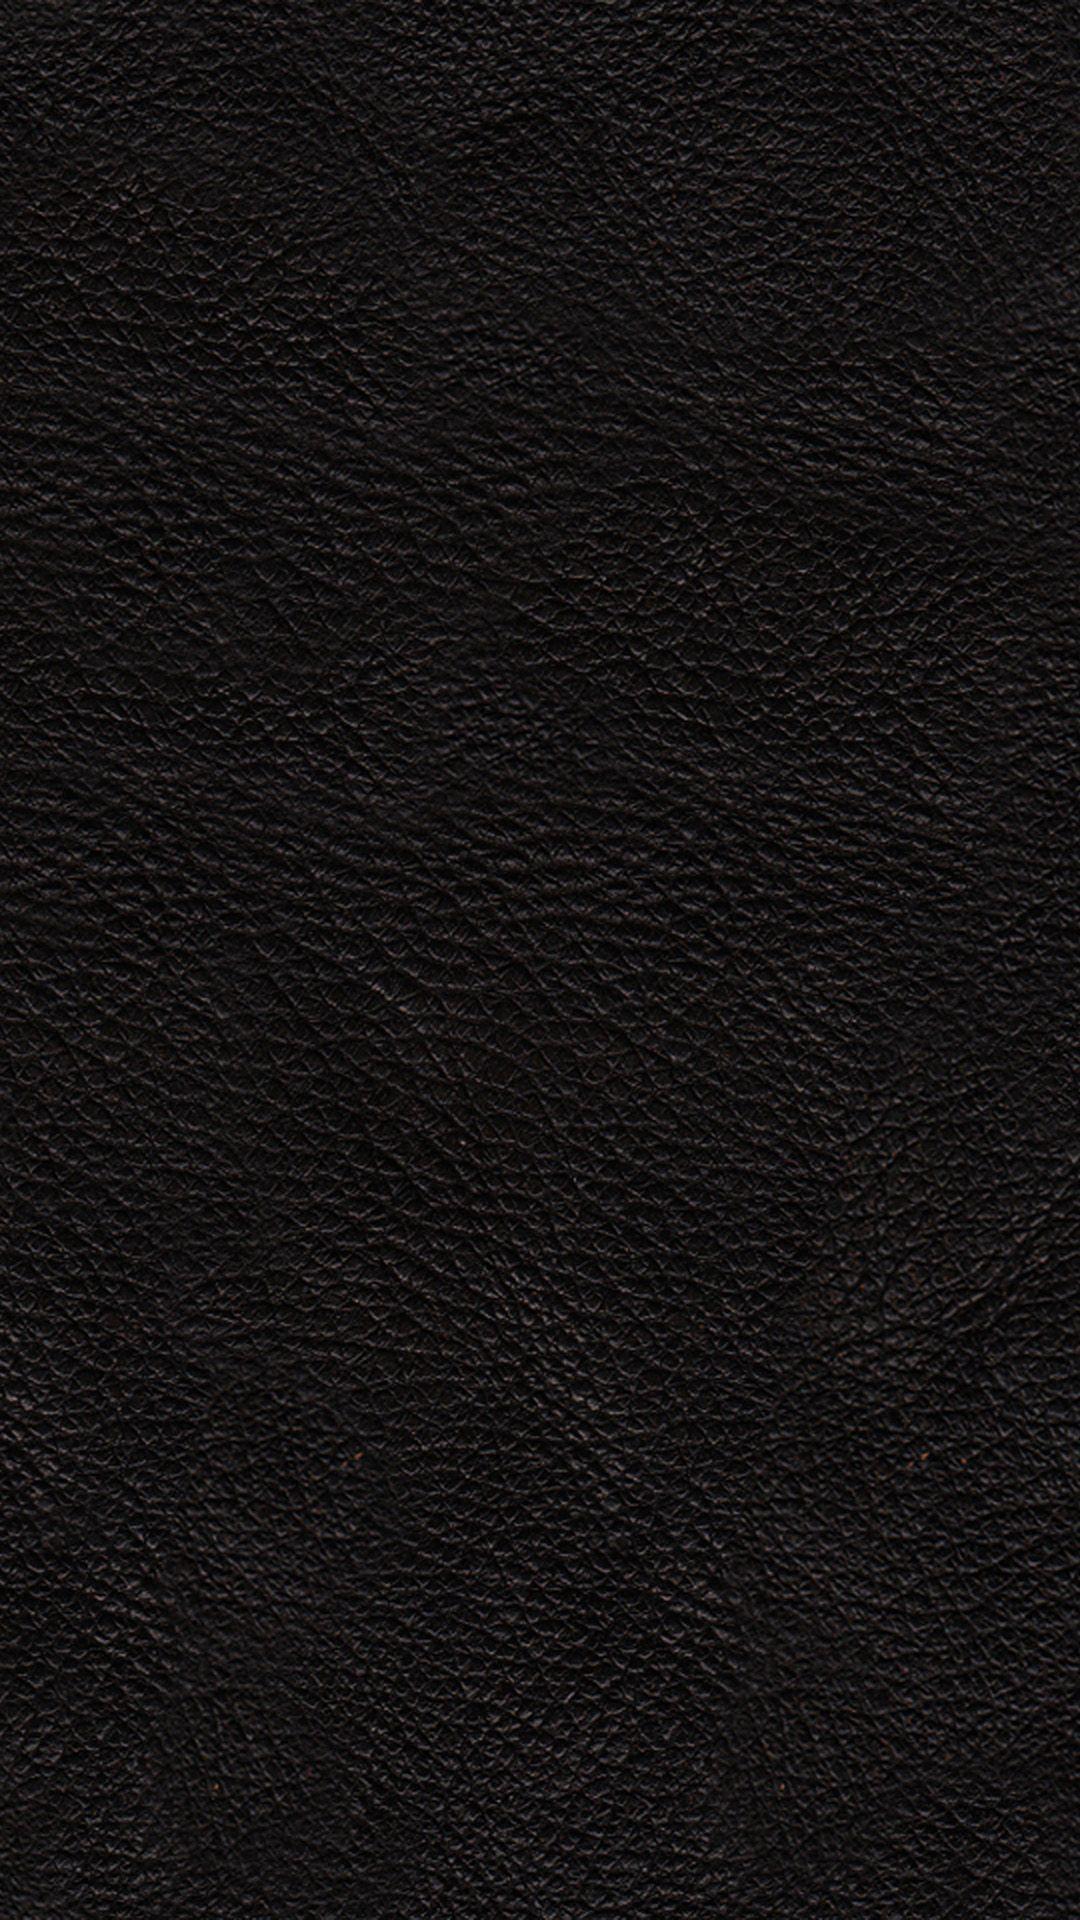 ブラックレザー シンプルでかっこいいiphone壁紙 黒の壁紙 待ち受け かっこいい 黒壁紙